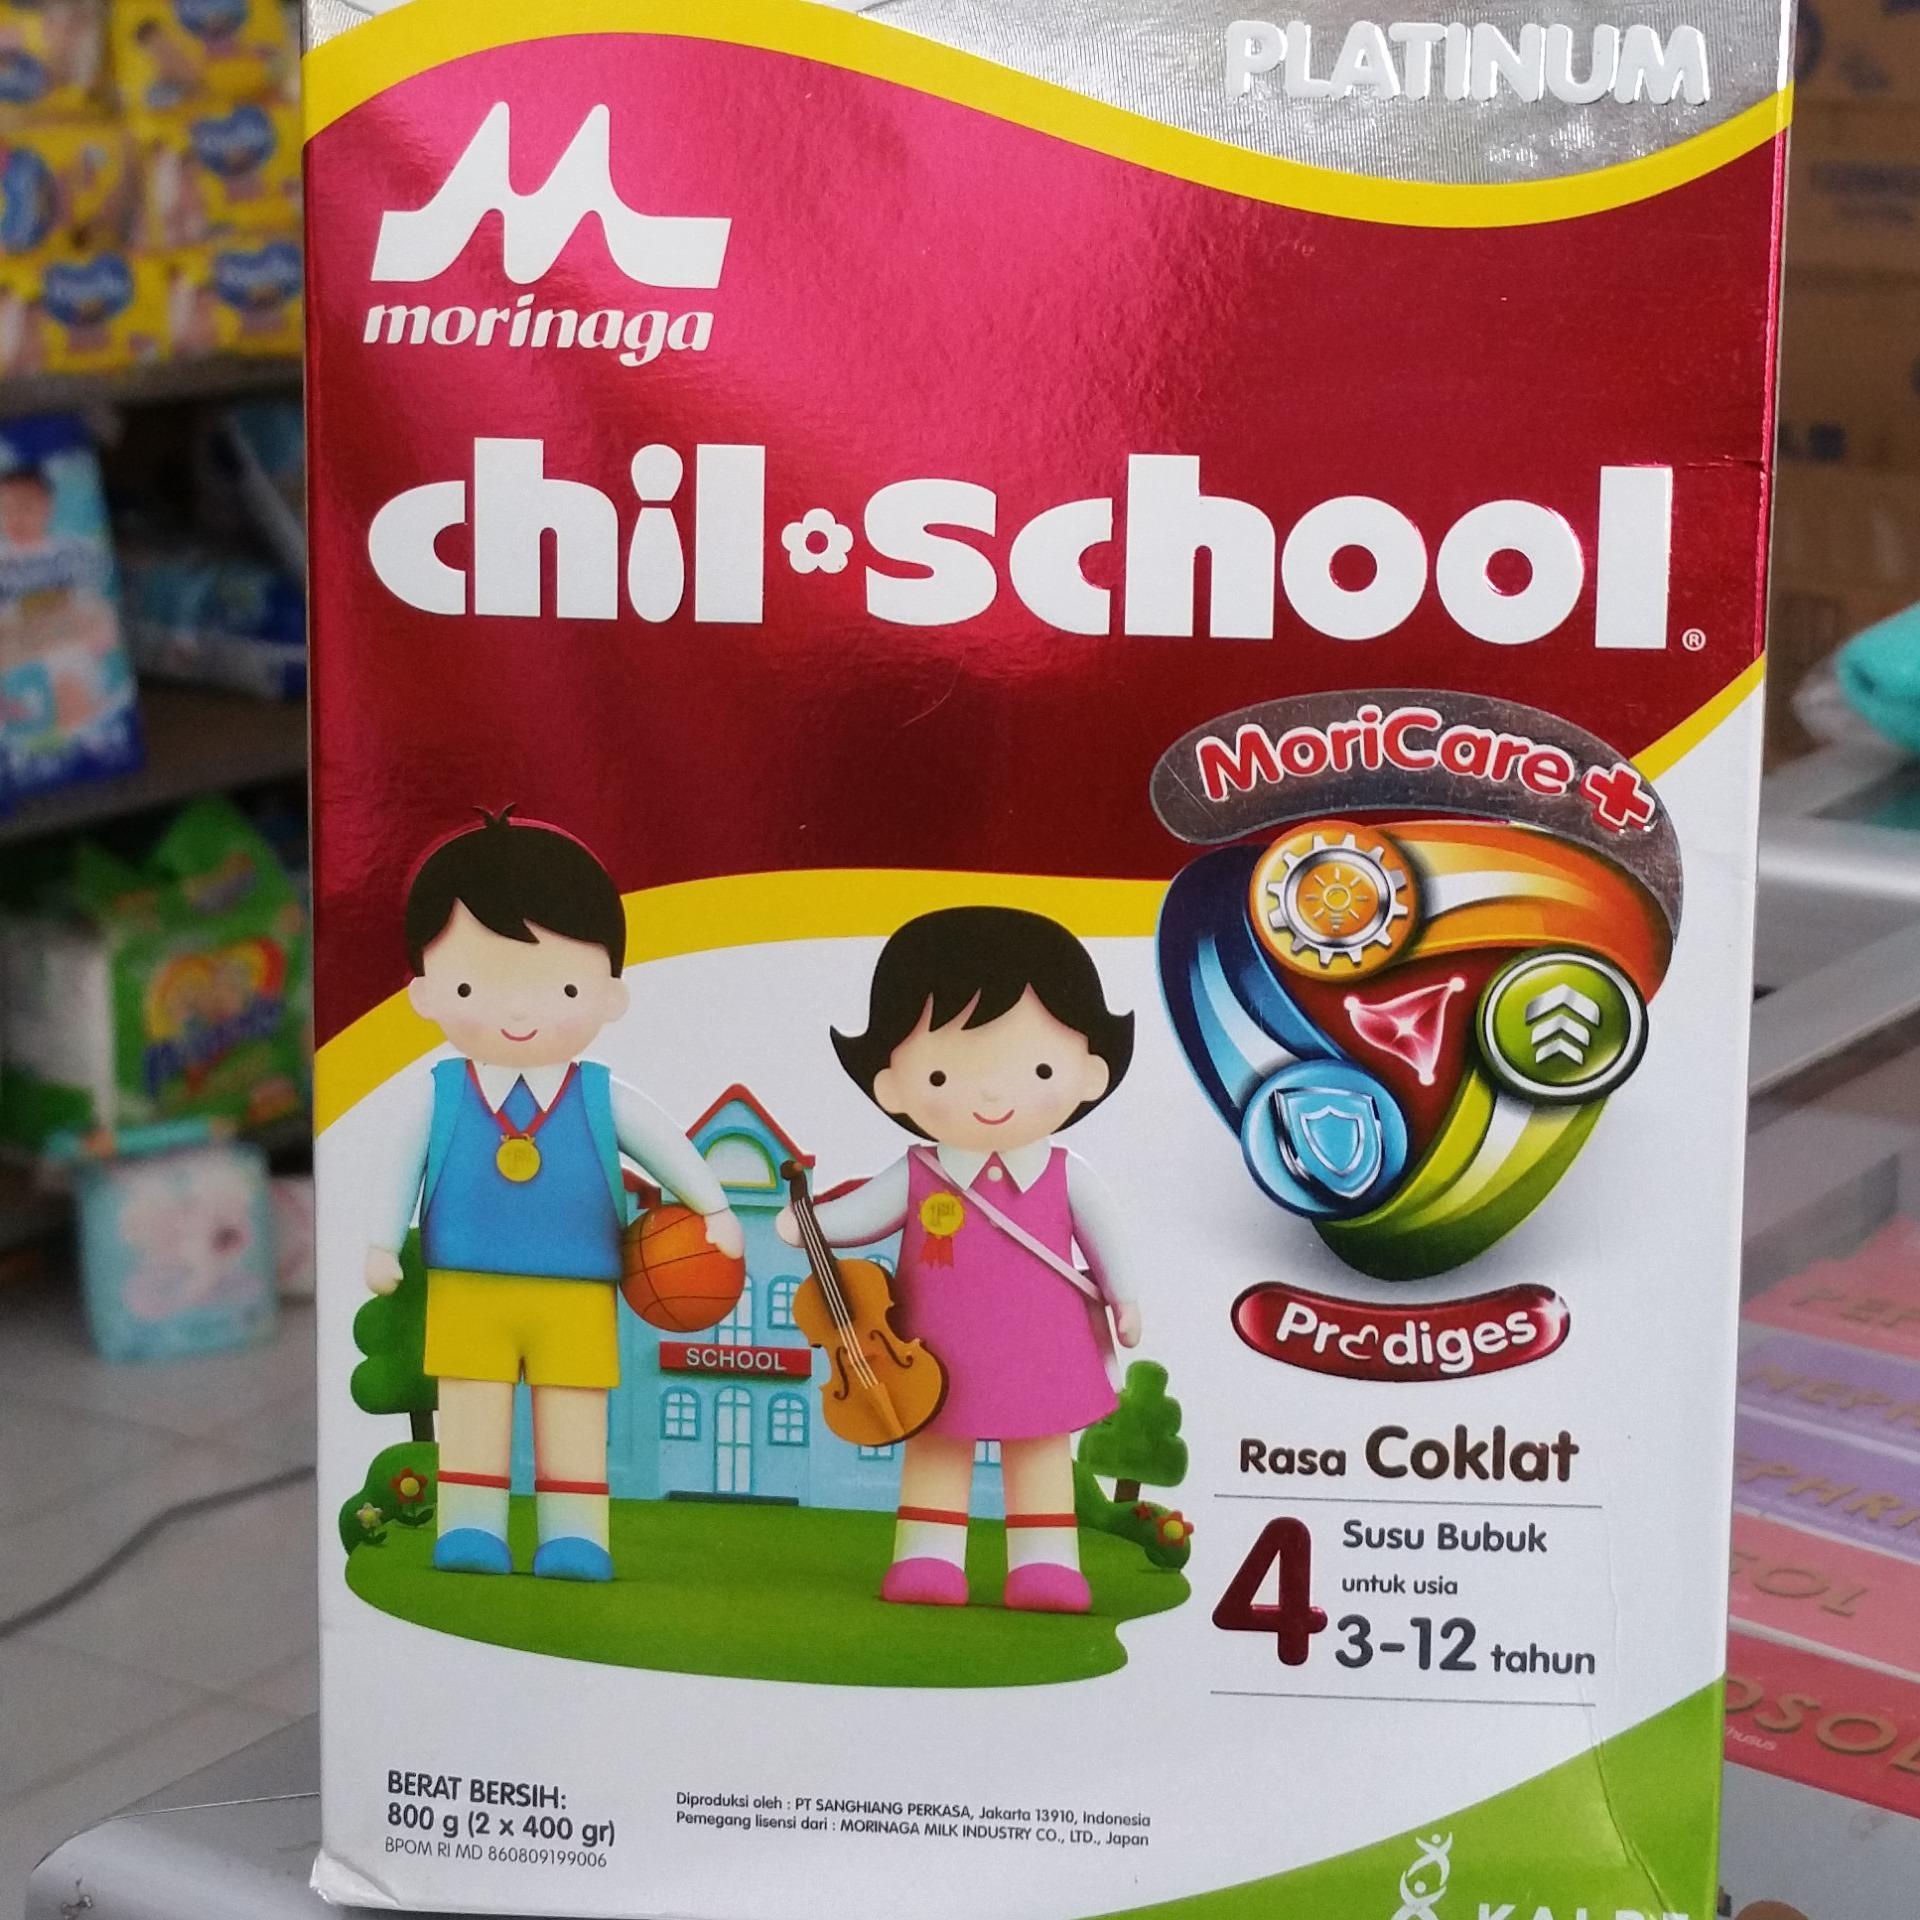 Diskon Morinaga Chil School Platinum Susu Pertumbuhan Chocolate Sisir Twin Coklat Ukuran Besar 800gr